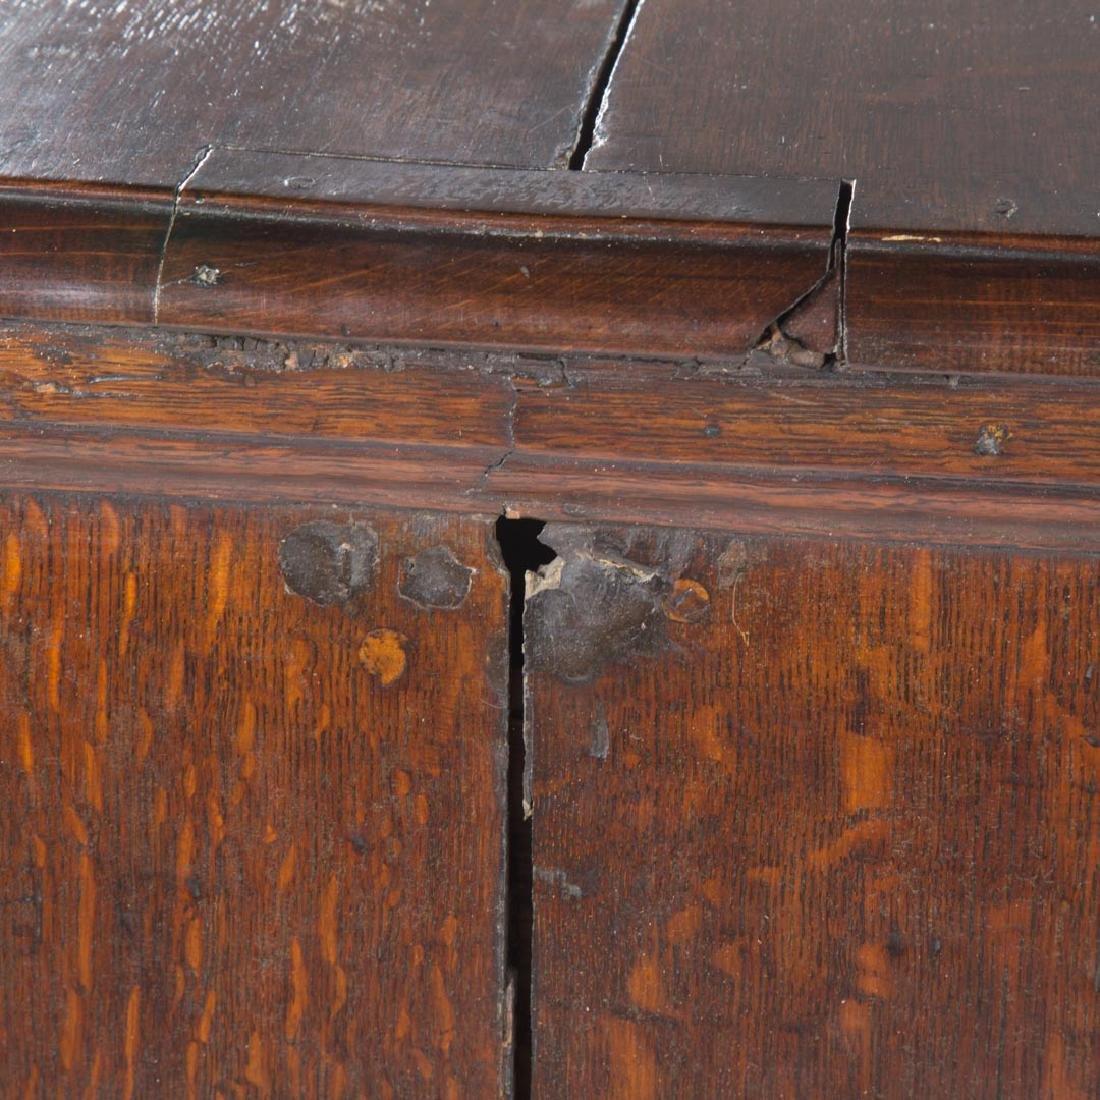 George III oak chest of drawers - 4